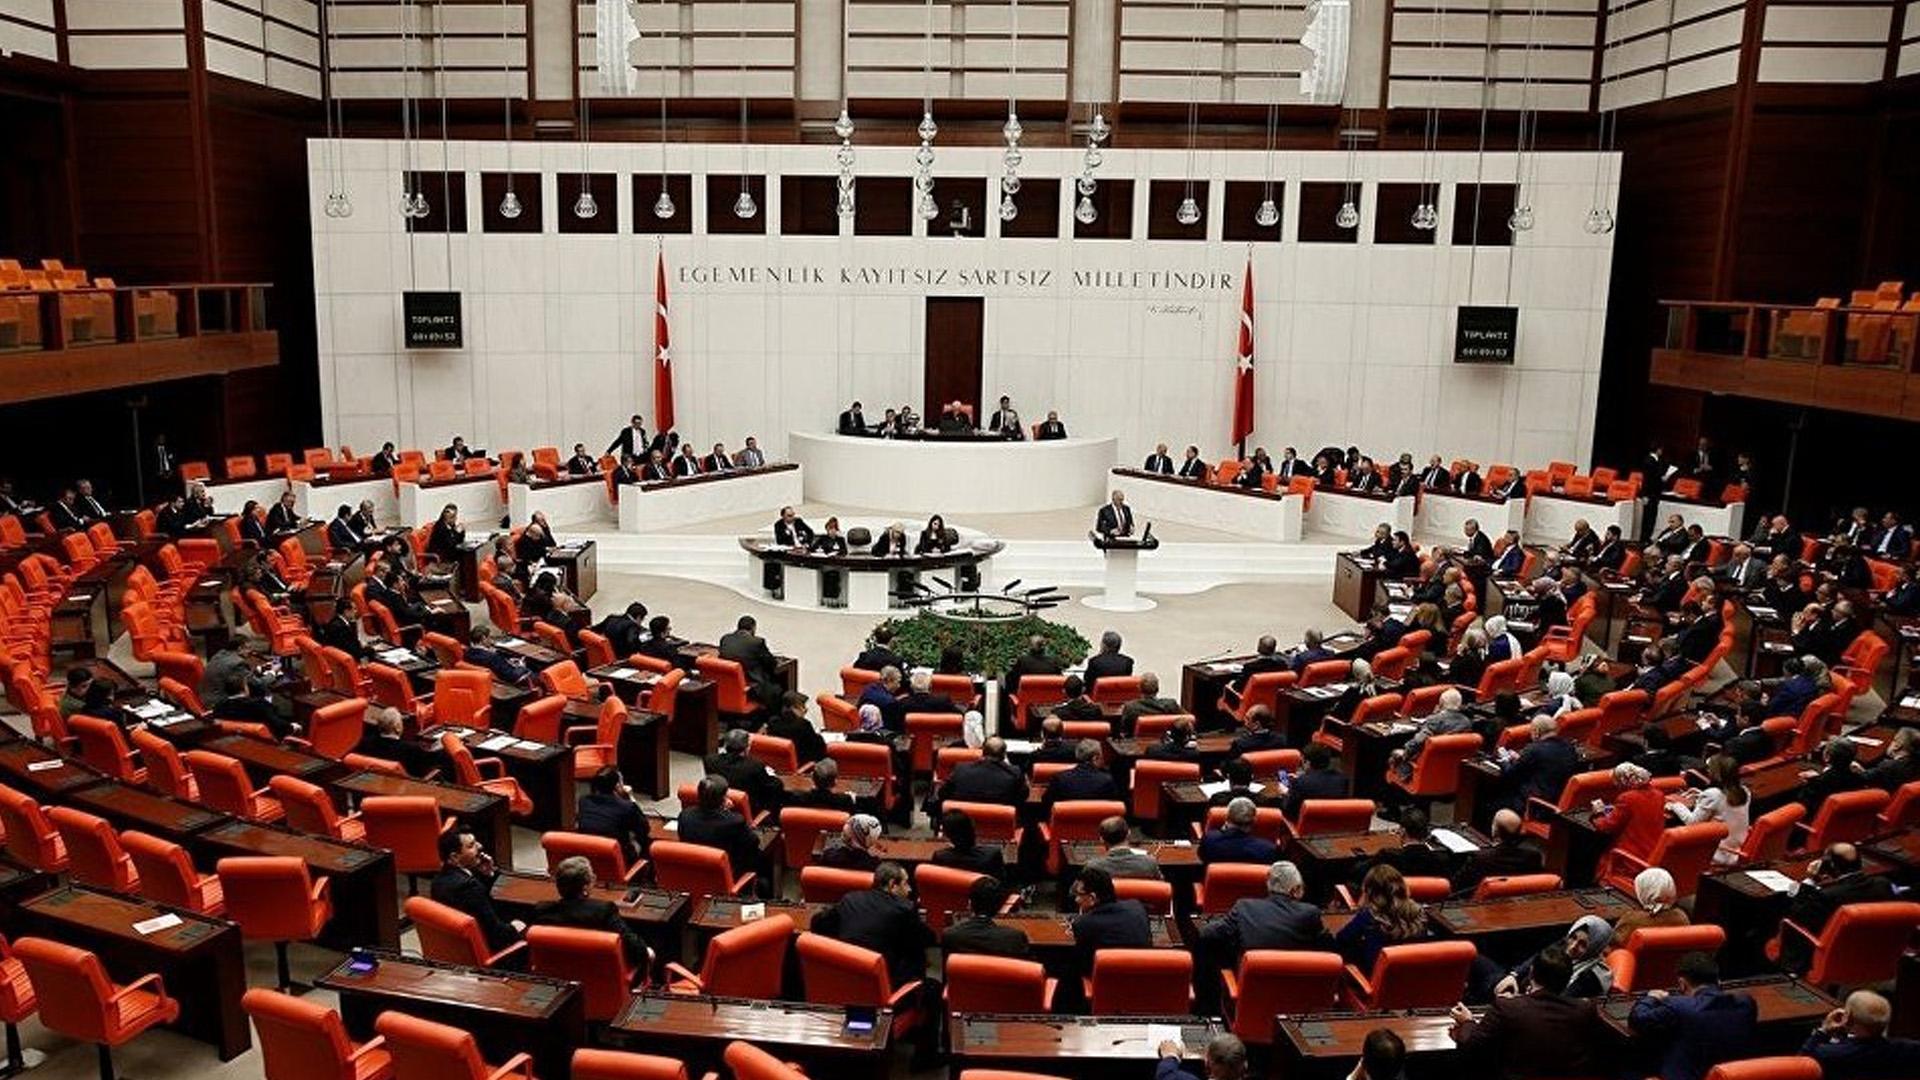 'Meclis bütçesinden yurt dışı ziyaretlerine 6 milyon TL harcandı'